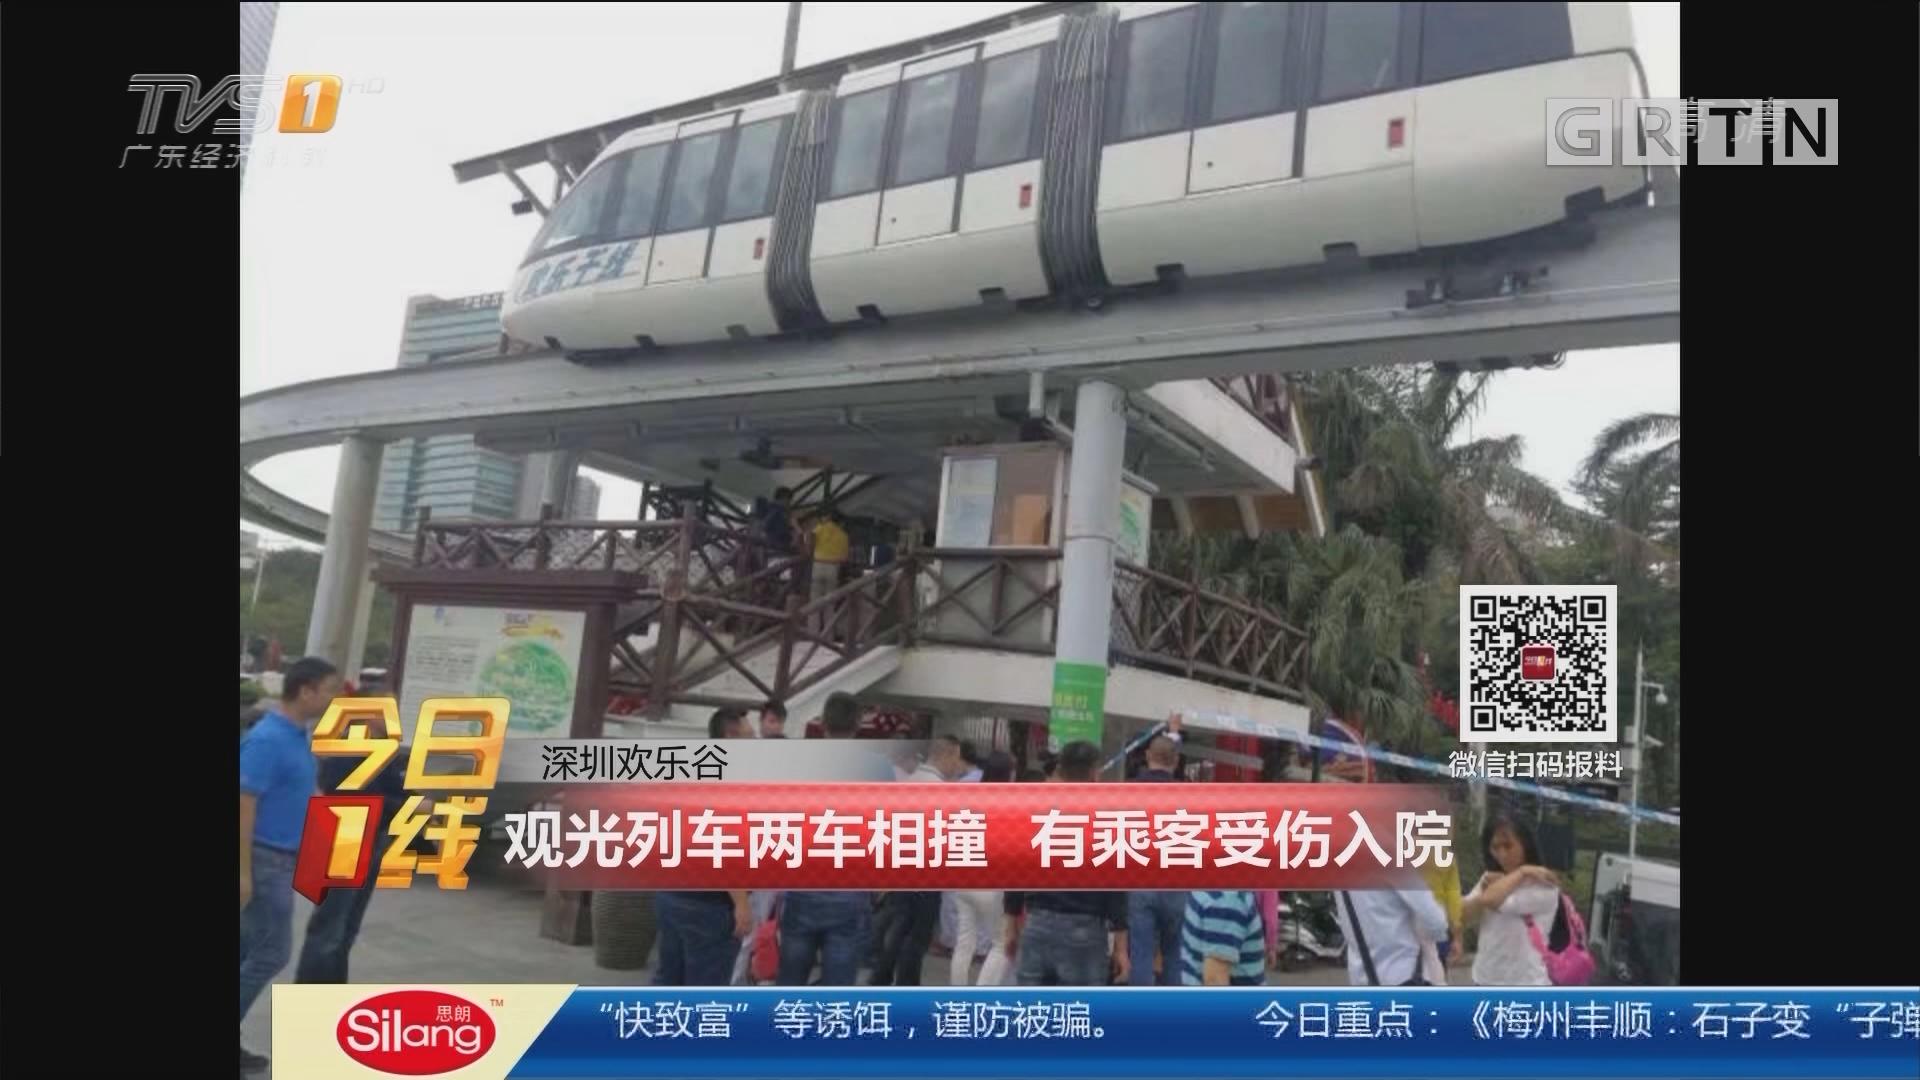 深圳欢乐谷:观光列车两车相撞 有乘客受伤入院